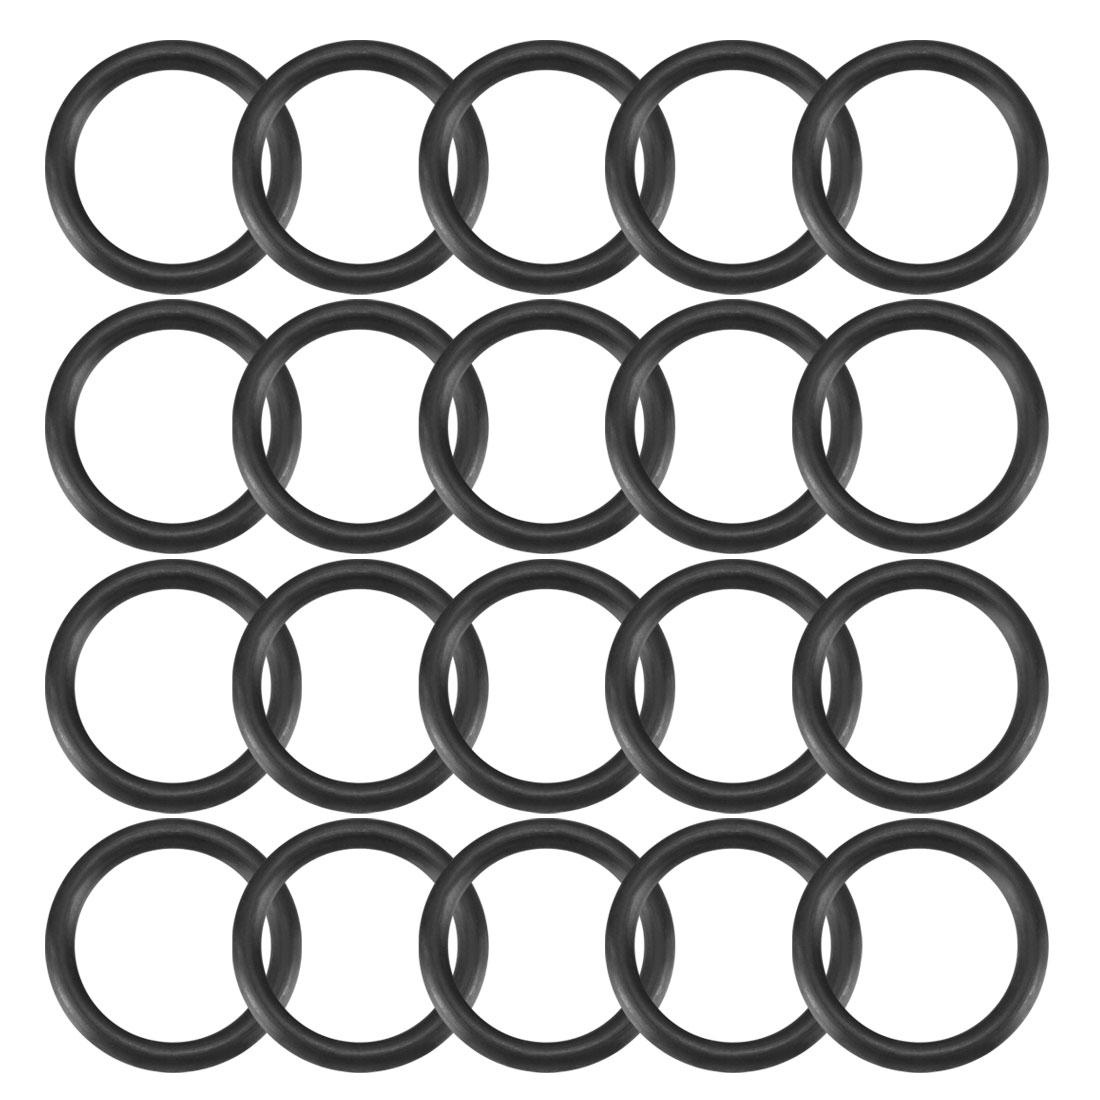 20pcs Black Nitrile Butadiene Rubber NBR O-Ring 14.8mm Inner Dia 2.4mm Width